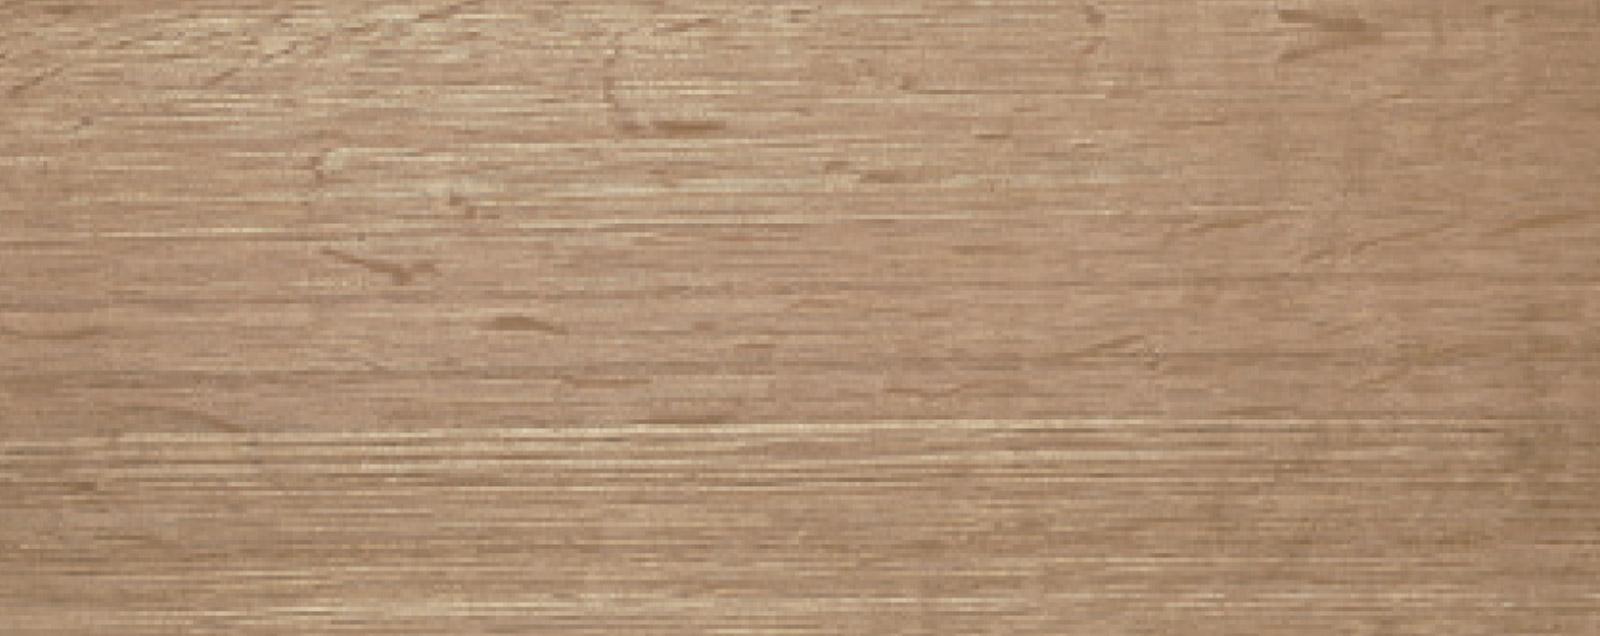 Maderas frondosas roble europeo maderas chapar for Zapateros de madera de roble